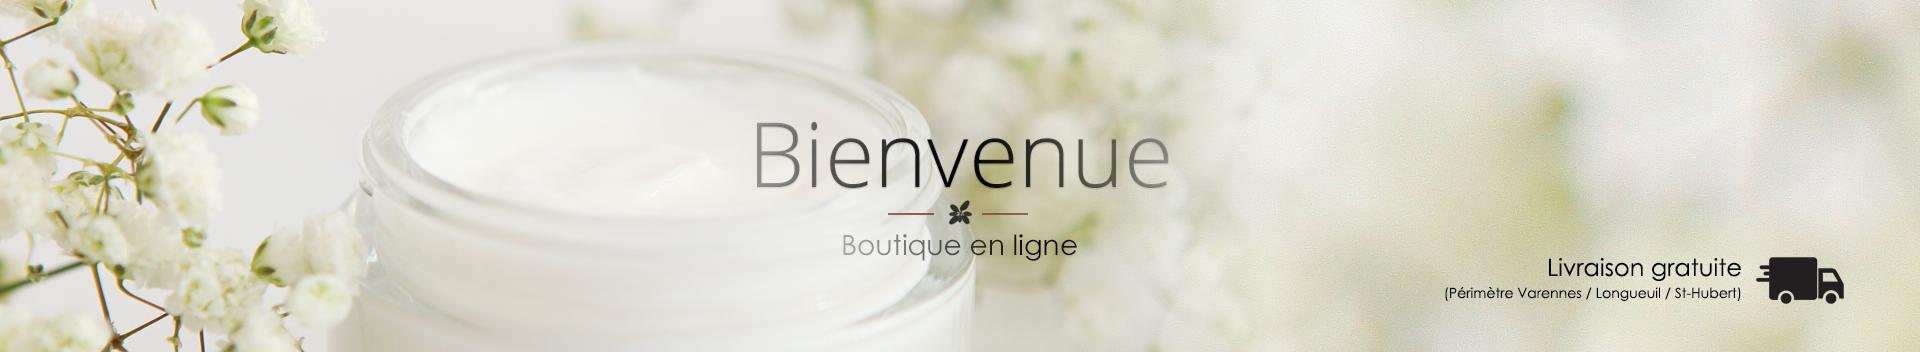 Produit esthétique, achat boutique en ligne - Centre d'esthétique Huguette Turcotte à Longueuil